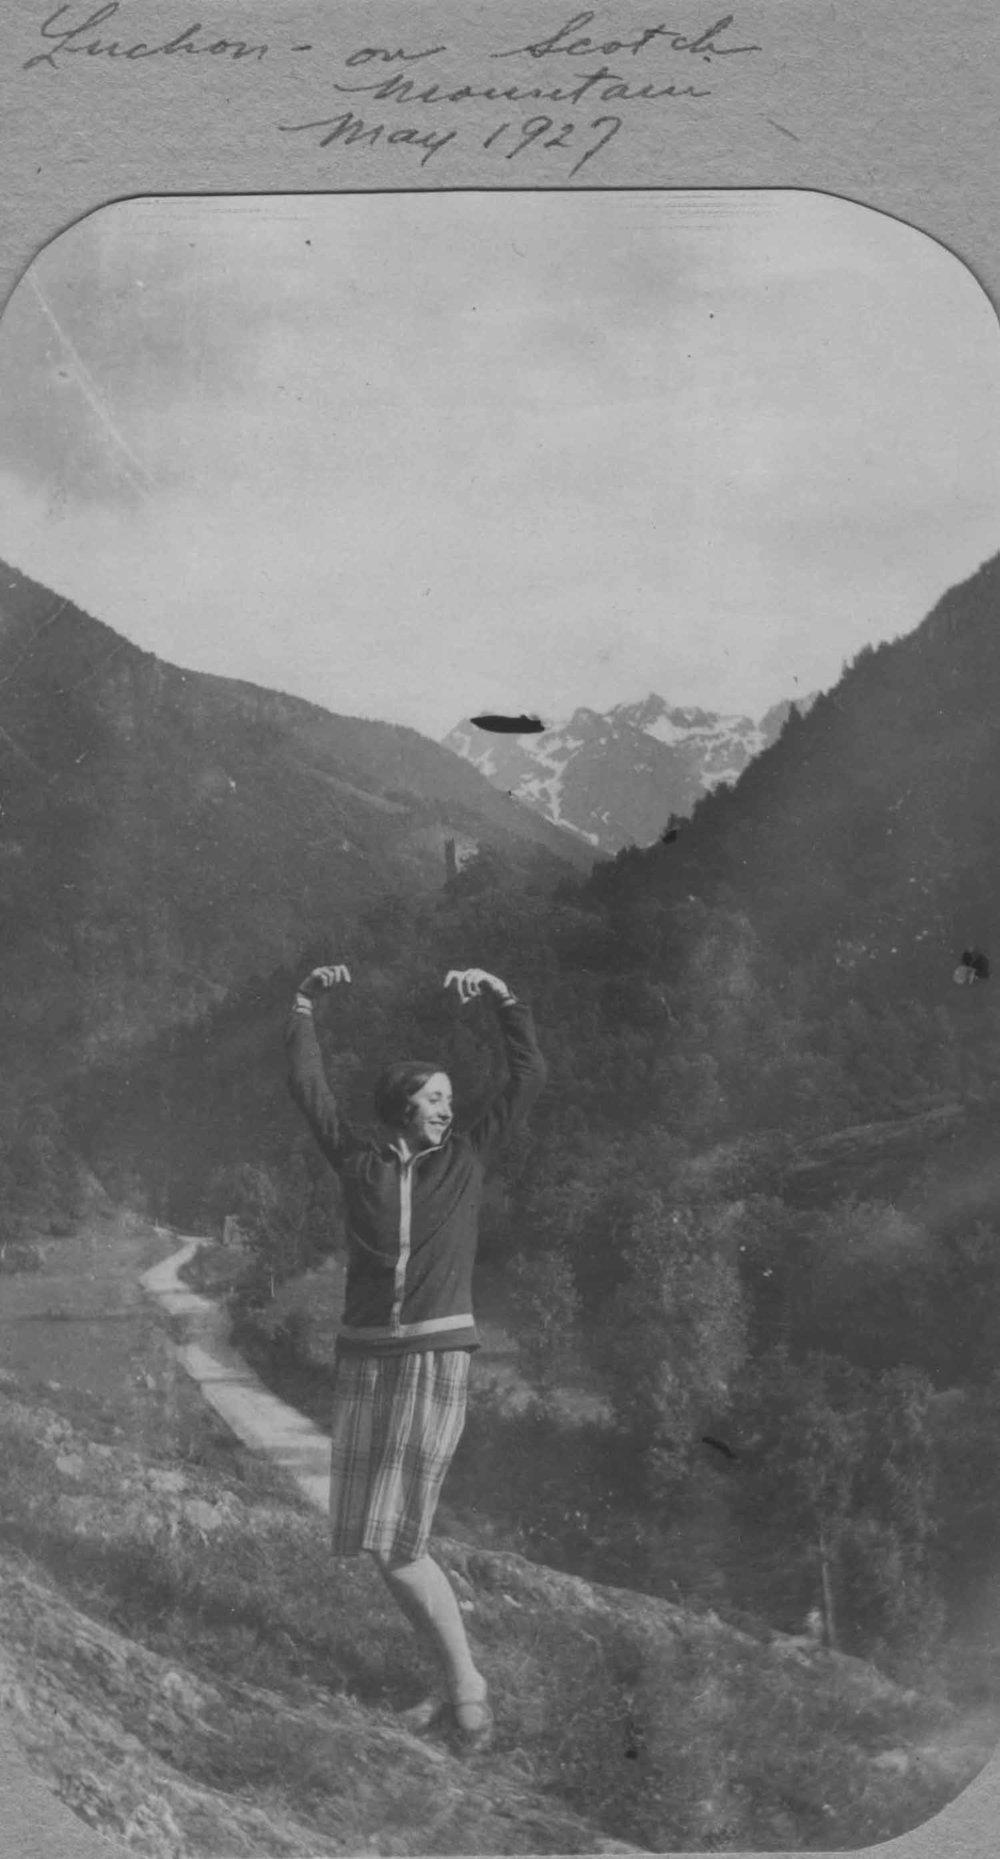 Anais 1927 12 May Pyranees.jpg